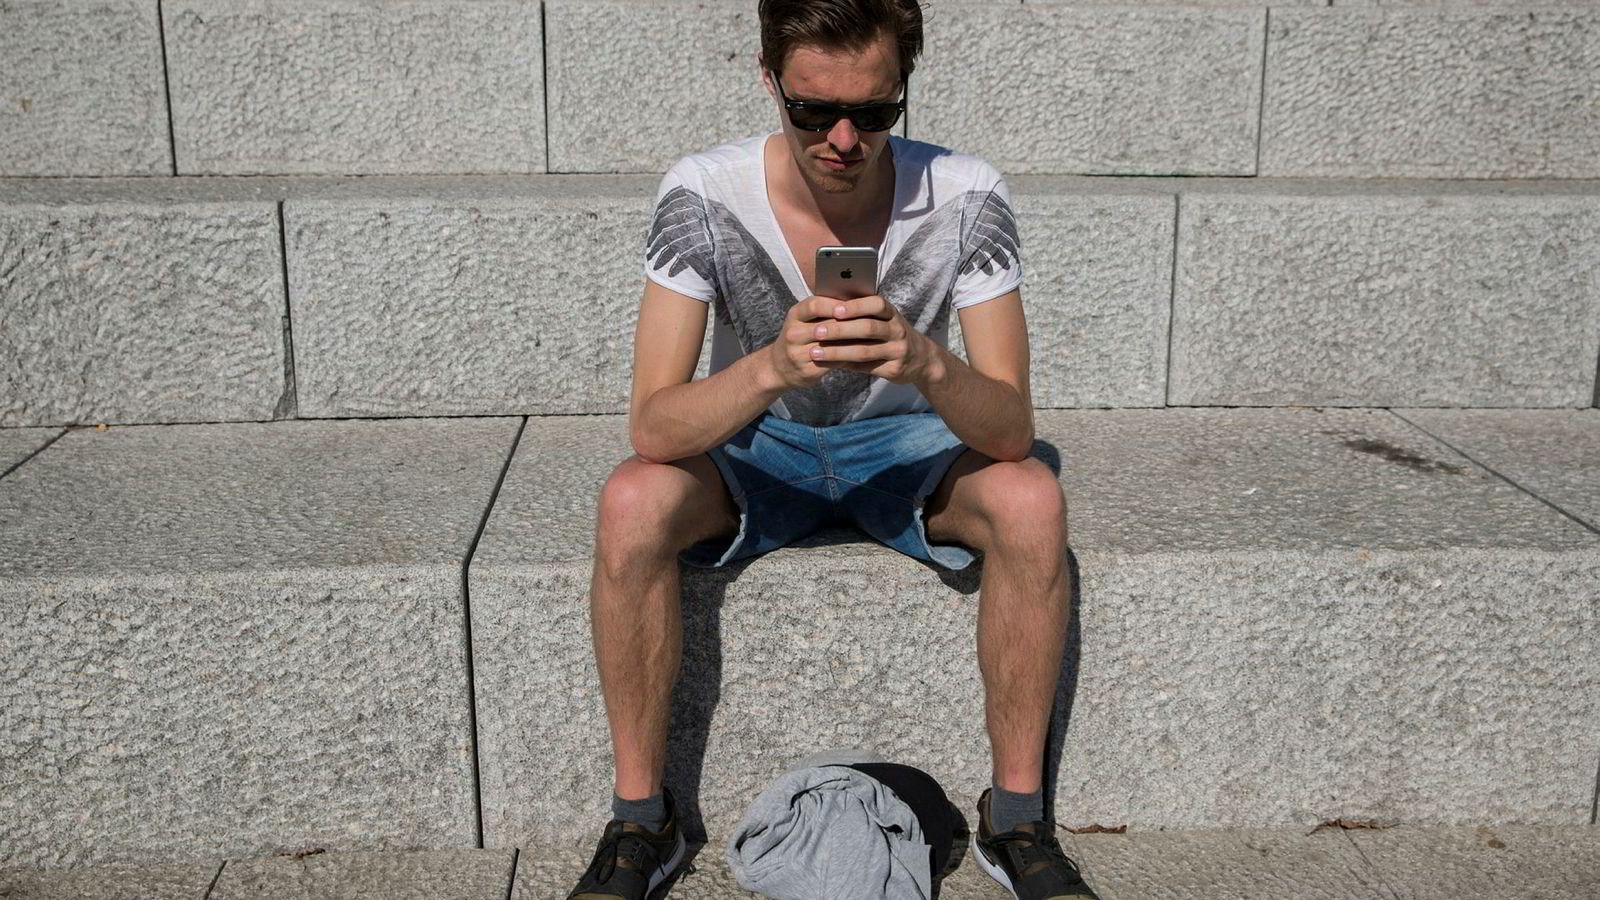 Forbrukerrådet innførte i februar forbudsvedtaket mot Telenor etter å ha mottatt flere klager fra bredbåndskunder hos selskapet som reagerte på at de hadde blitt ringt opp og tilbudt mobilabonnement (illustrasjonsbilde).